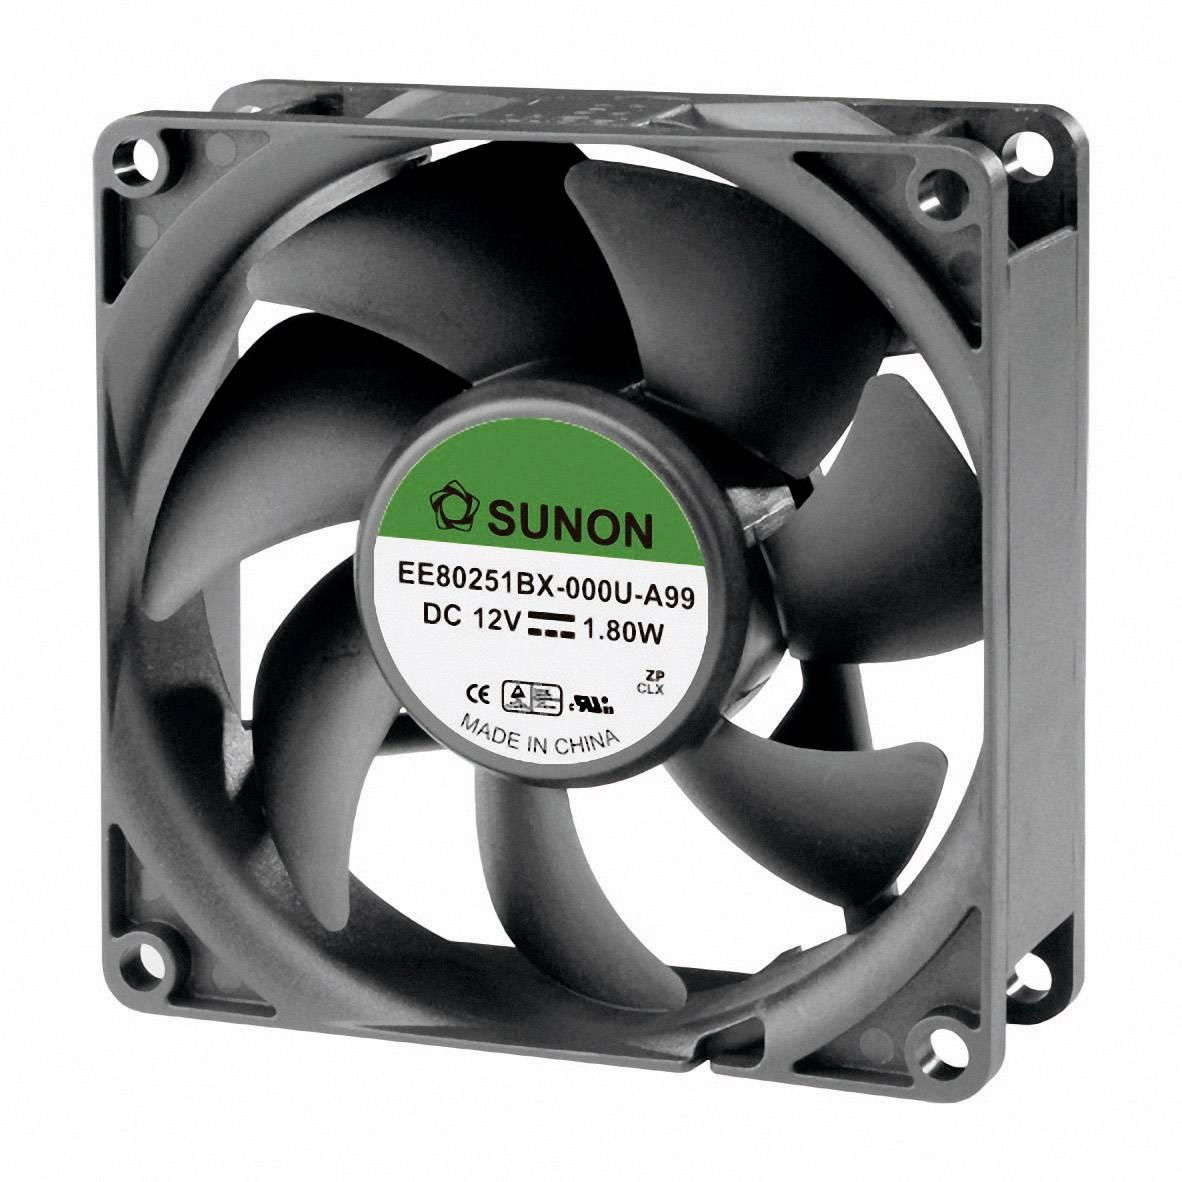 Axiálny ventilátor Sunon EE80201S1-000U-A99 EE80201S1-000U-A99, 12 V/DC, 38 dB, (d x š x v) 80 x 80 x 20 mm